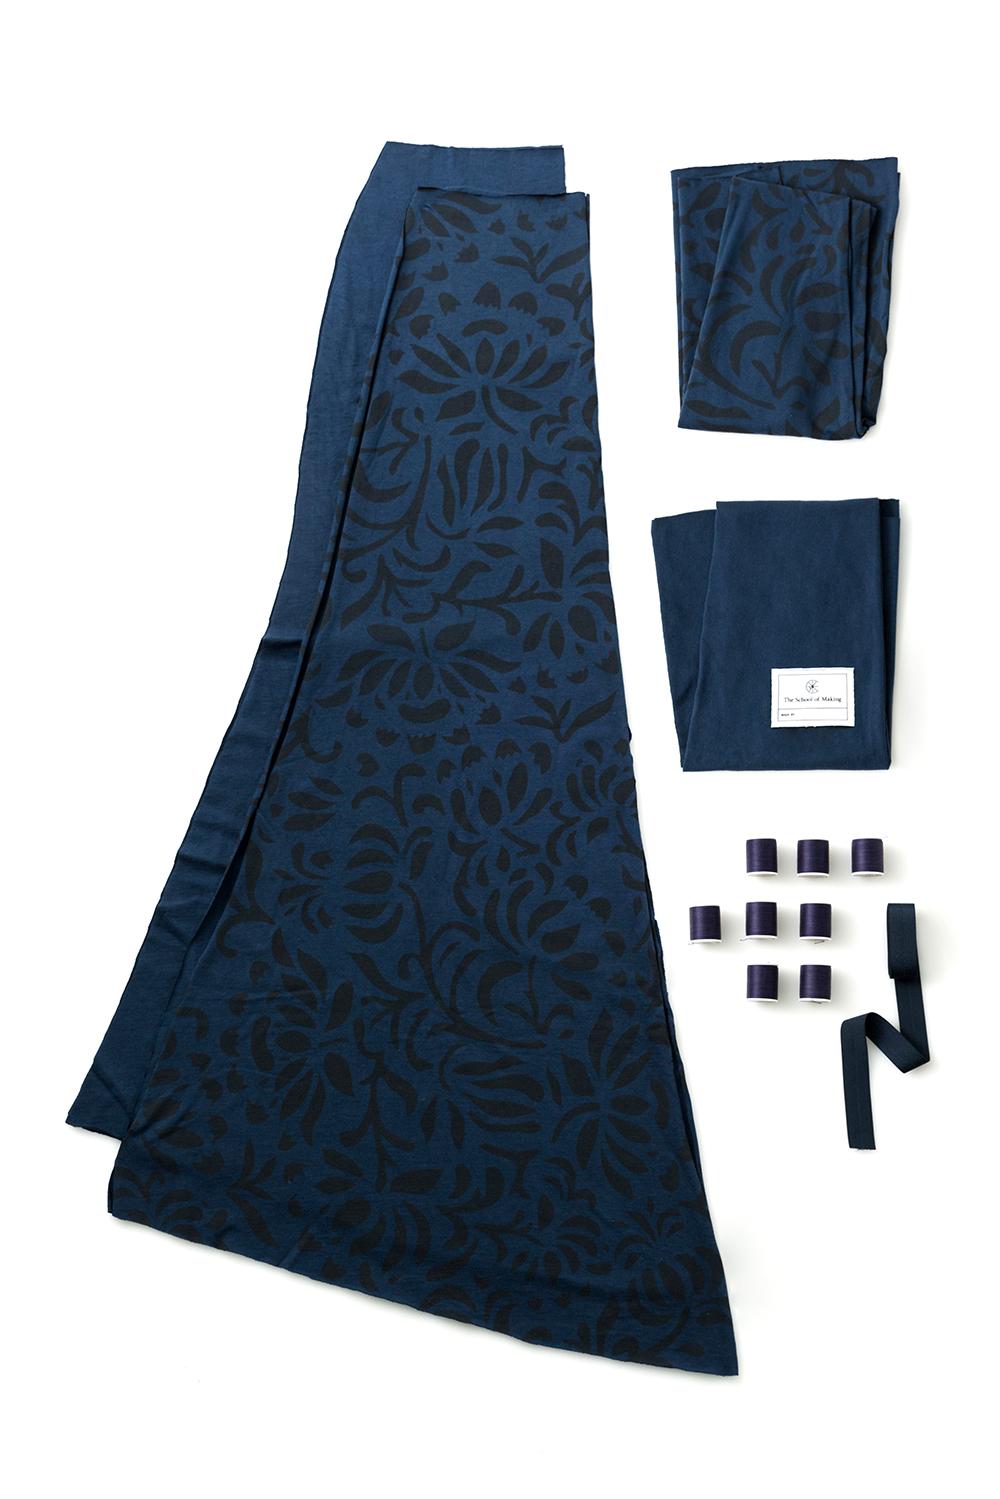 The-School-of-Making-Annas-Garden-Long-Skirt-DIY-Kit-1